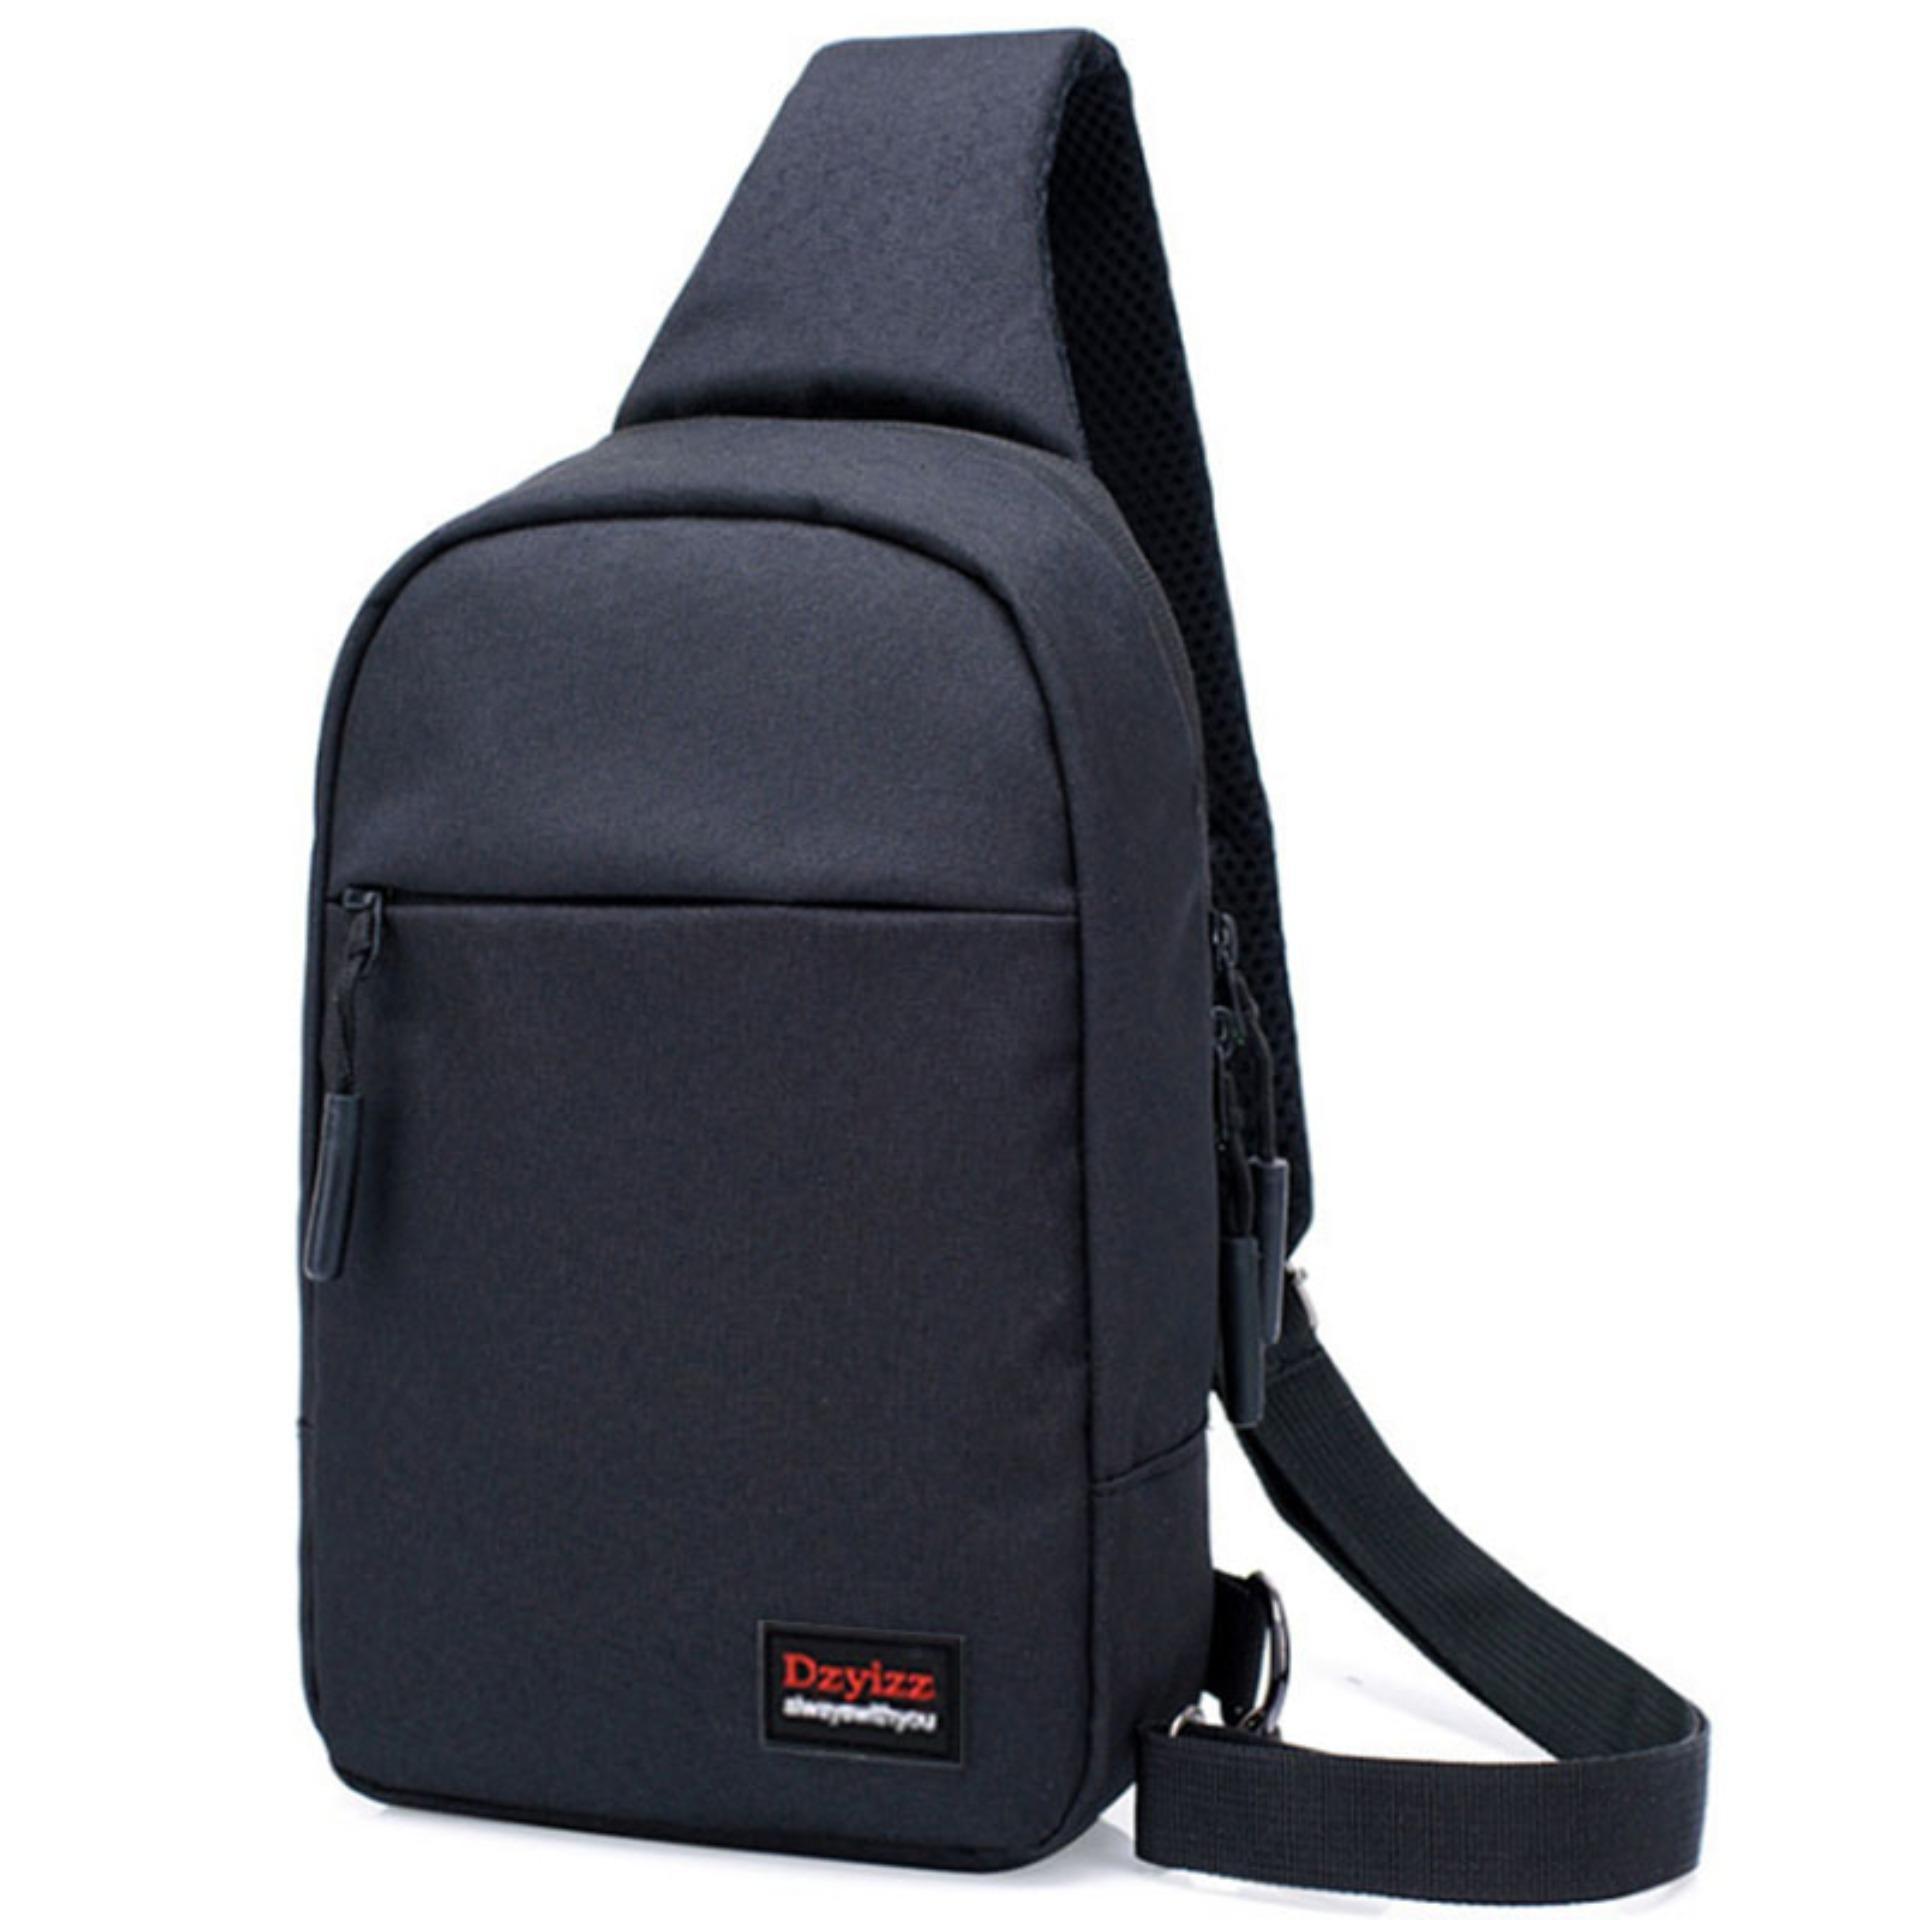 Túi nam đeo chéo 2 ngăn thời trang vải chống rách_(Đen) CR11